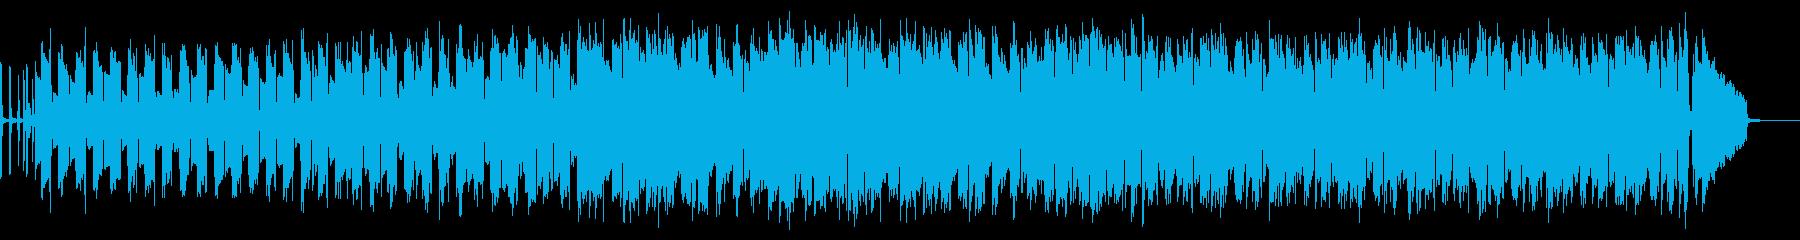 エレピとギターのシンプルなジャズの楽曲の再生済みの波形